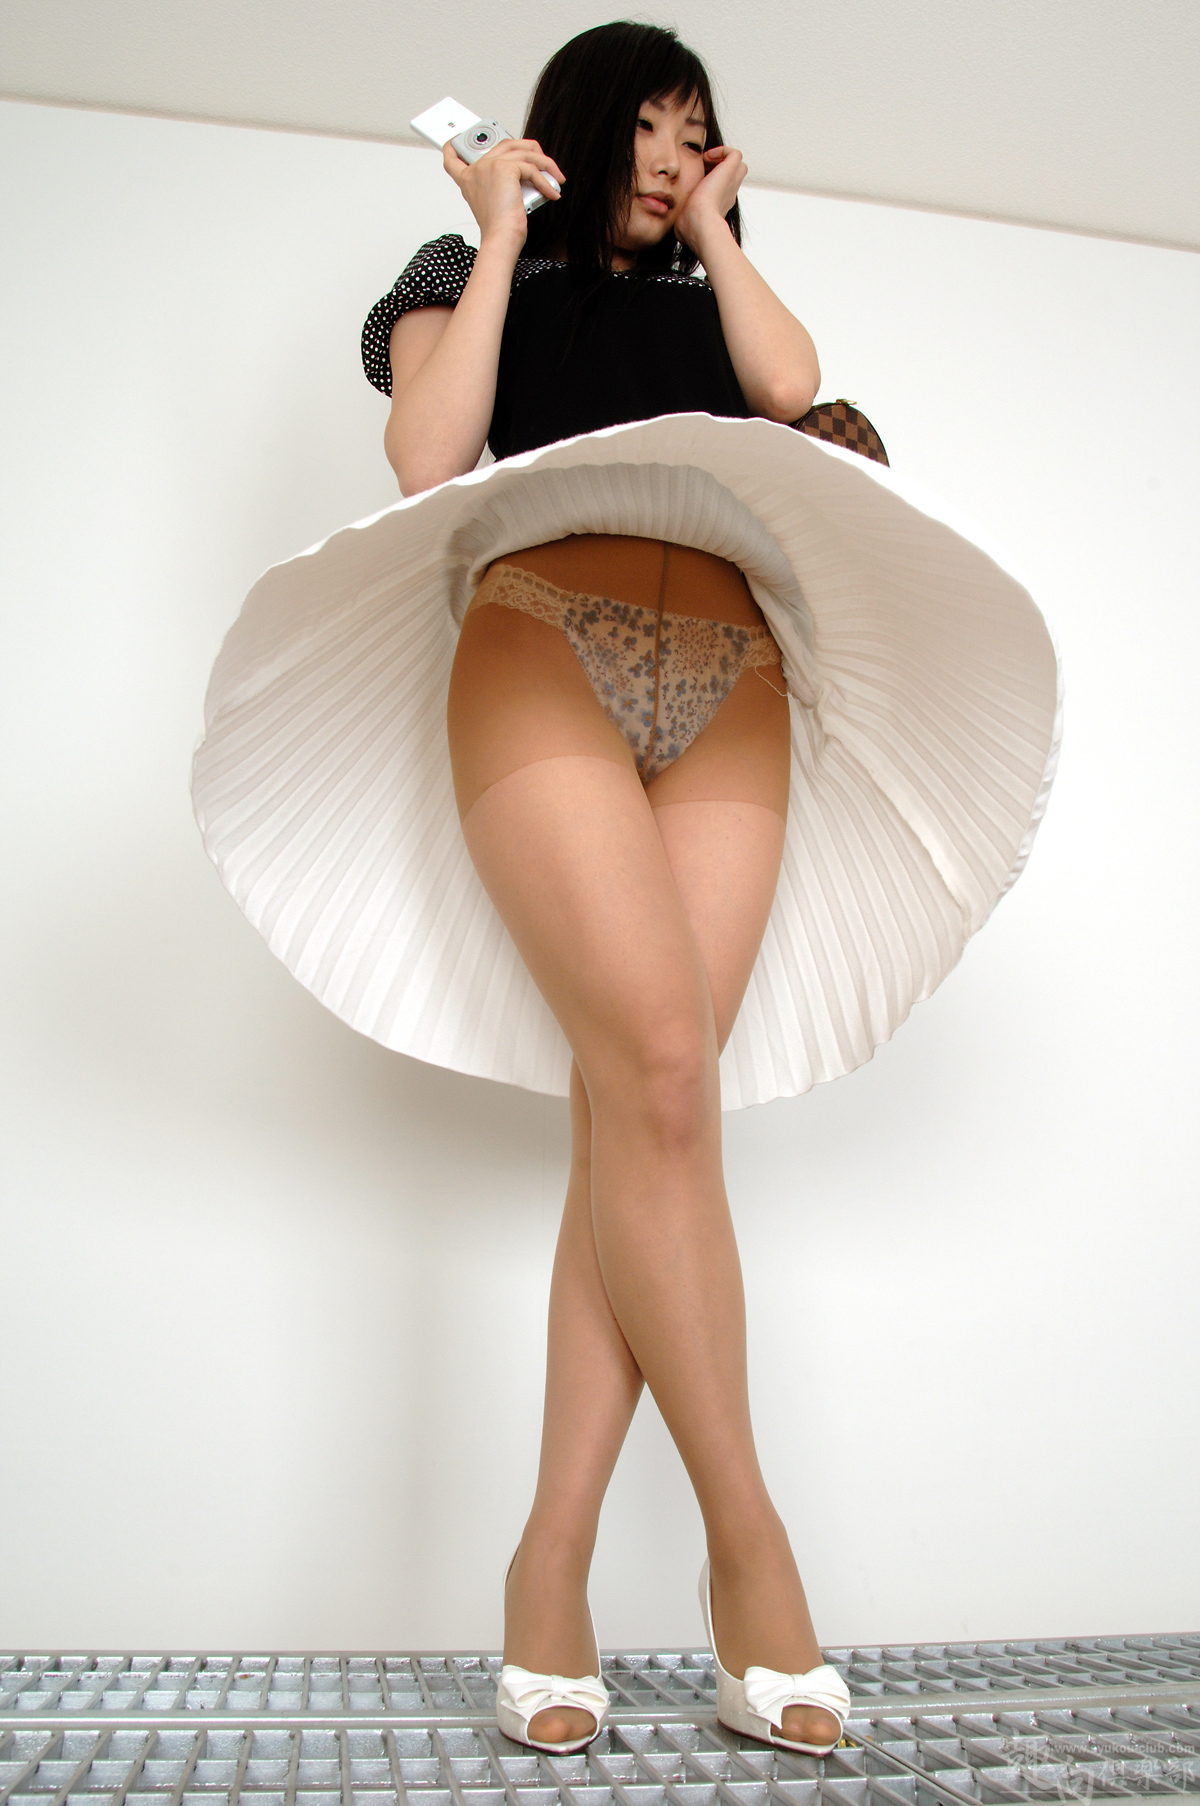 People 1200x1806 women model brunette long hair Asian portrait display Asuka Ichinose bangs legs crossed panties skirt upskirt wall pantyhose high heels black tops smartphone